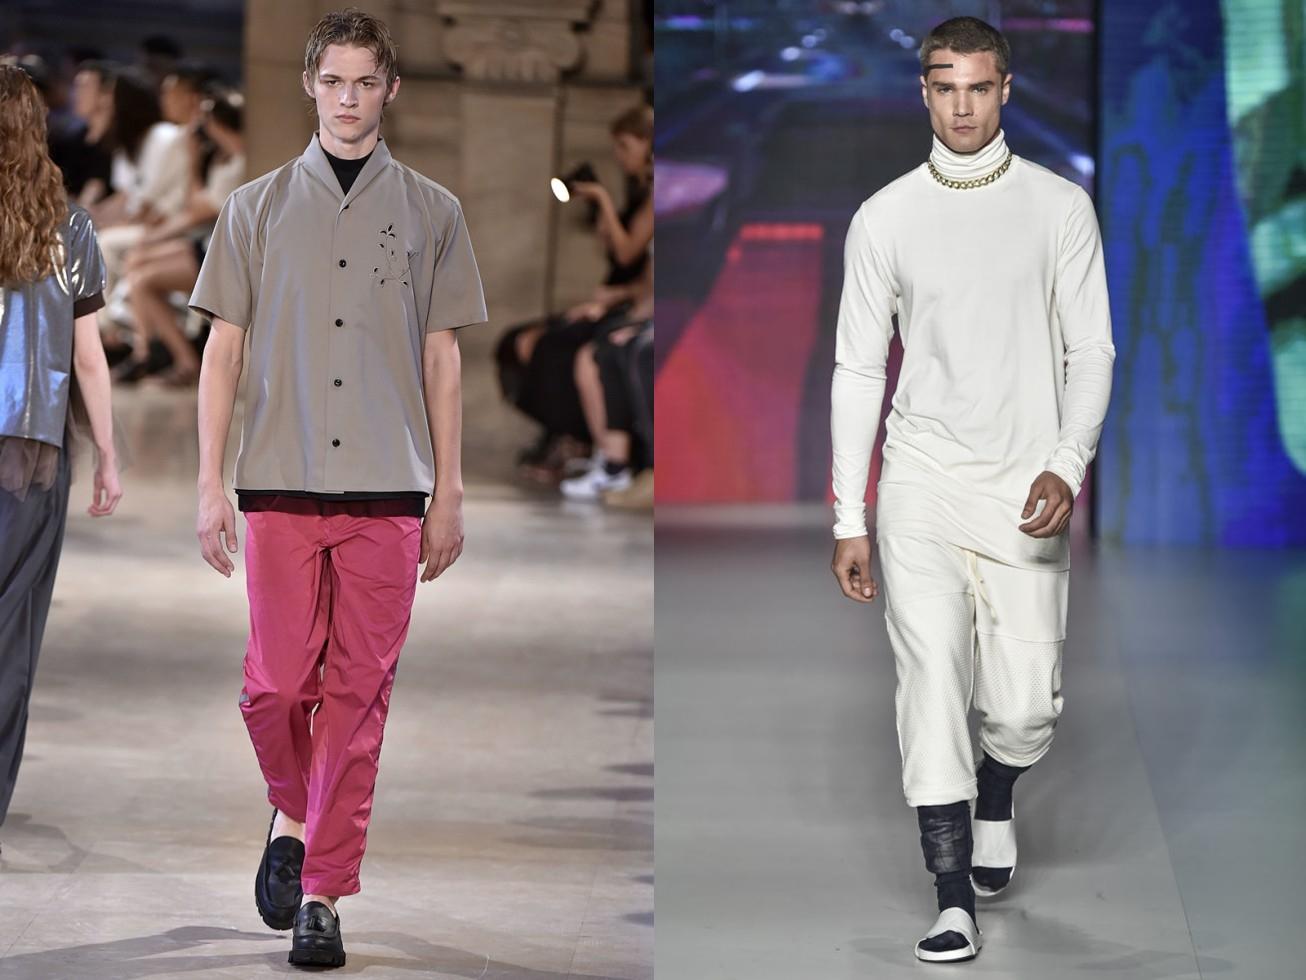 gola-alta-masculina-high-collar-men-roupa-2017-tendencia-2017-roupa-masculina-2017-tendencia-masculina-2017-alex-cursino-moda-sem-censura-dicas-de-moda-blogger